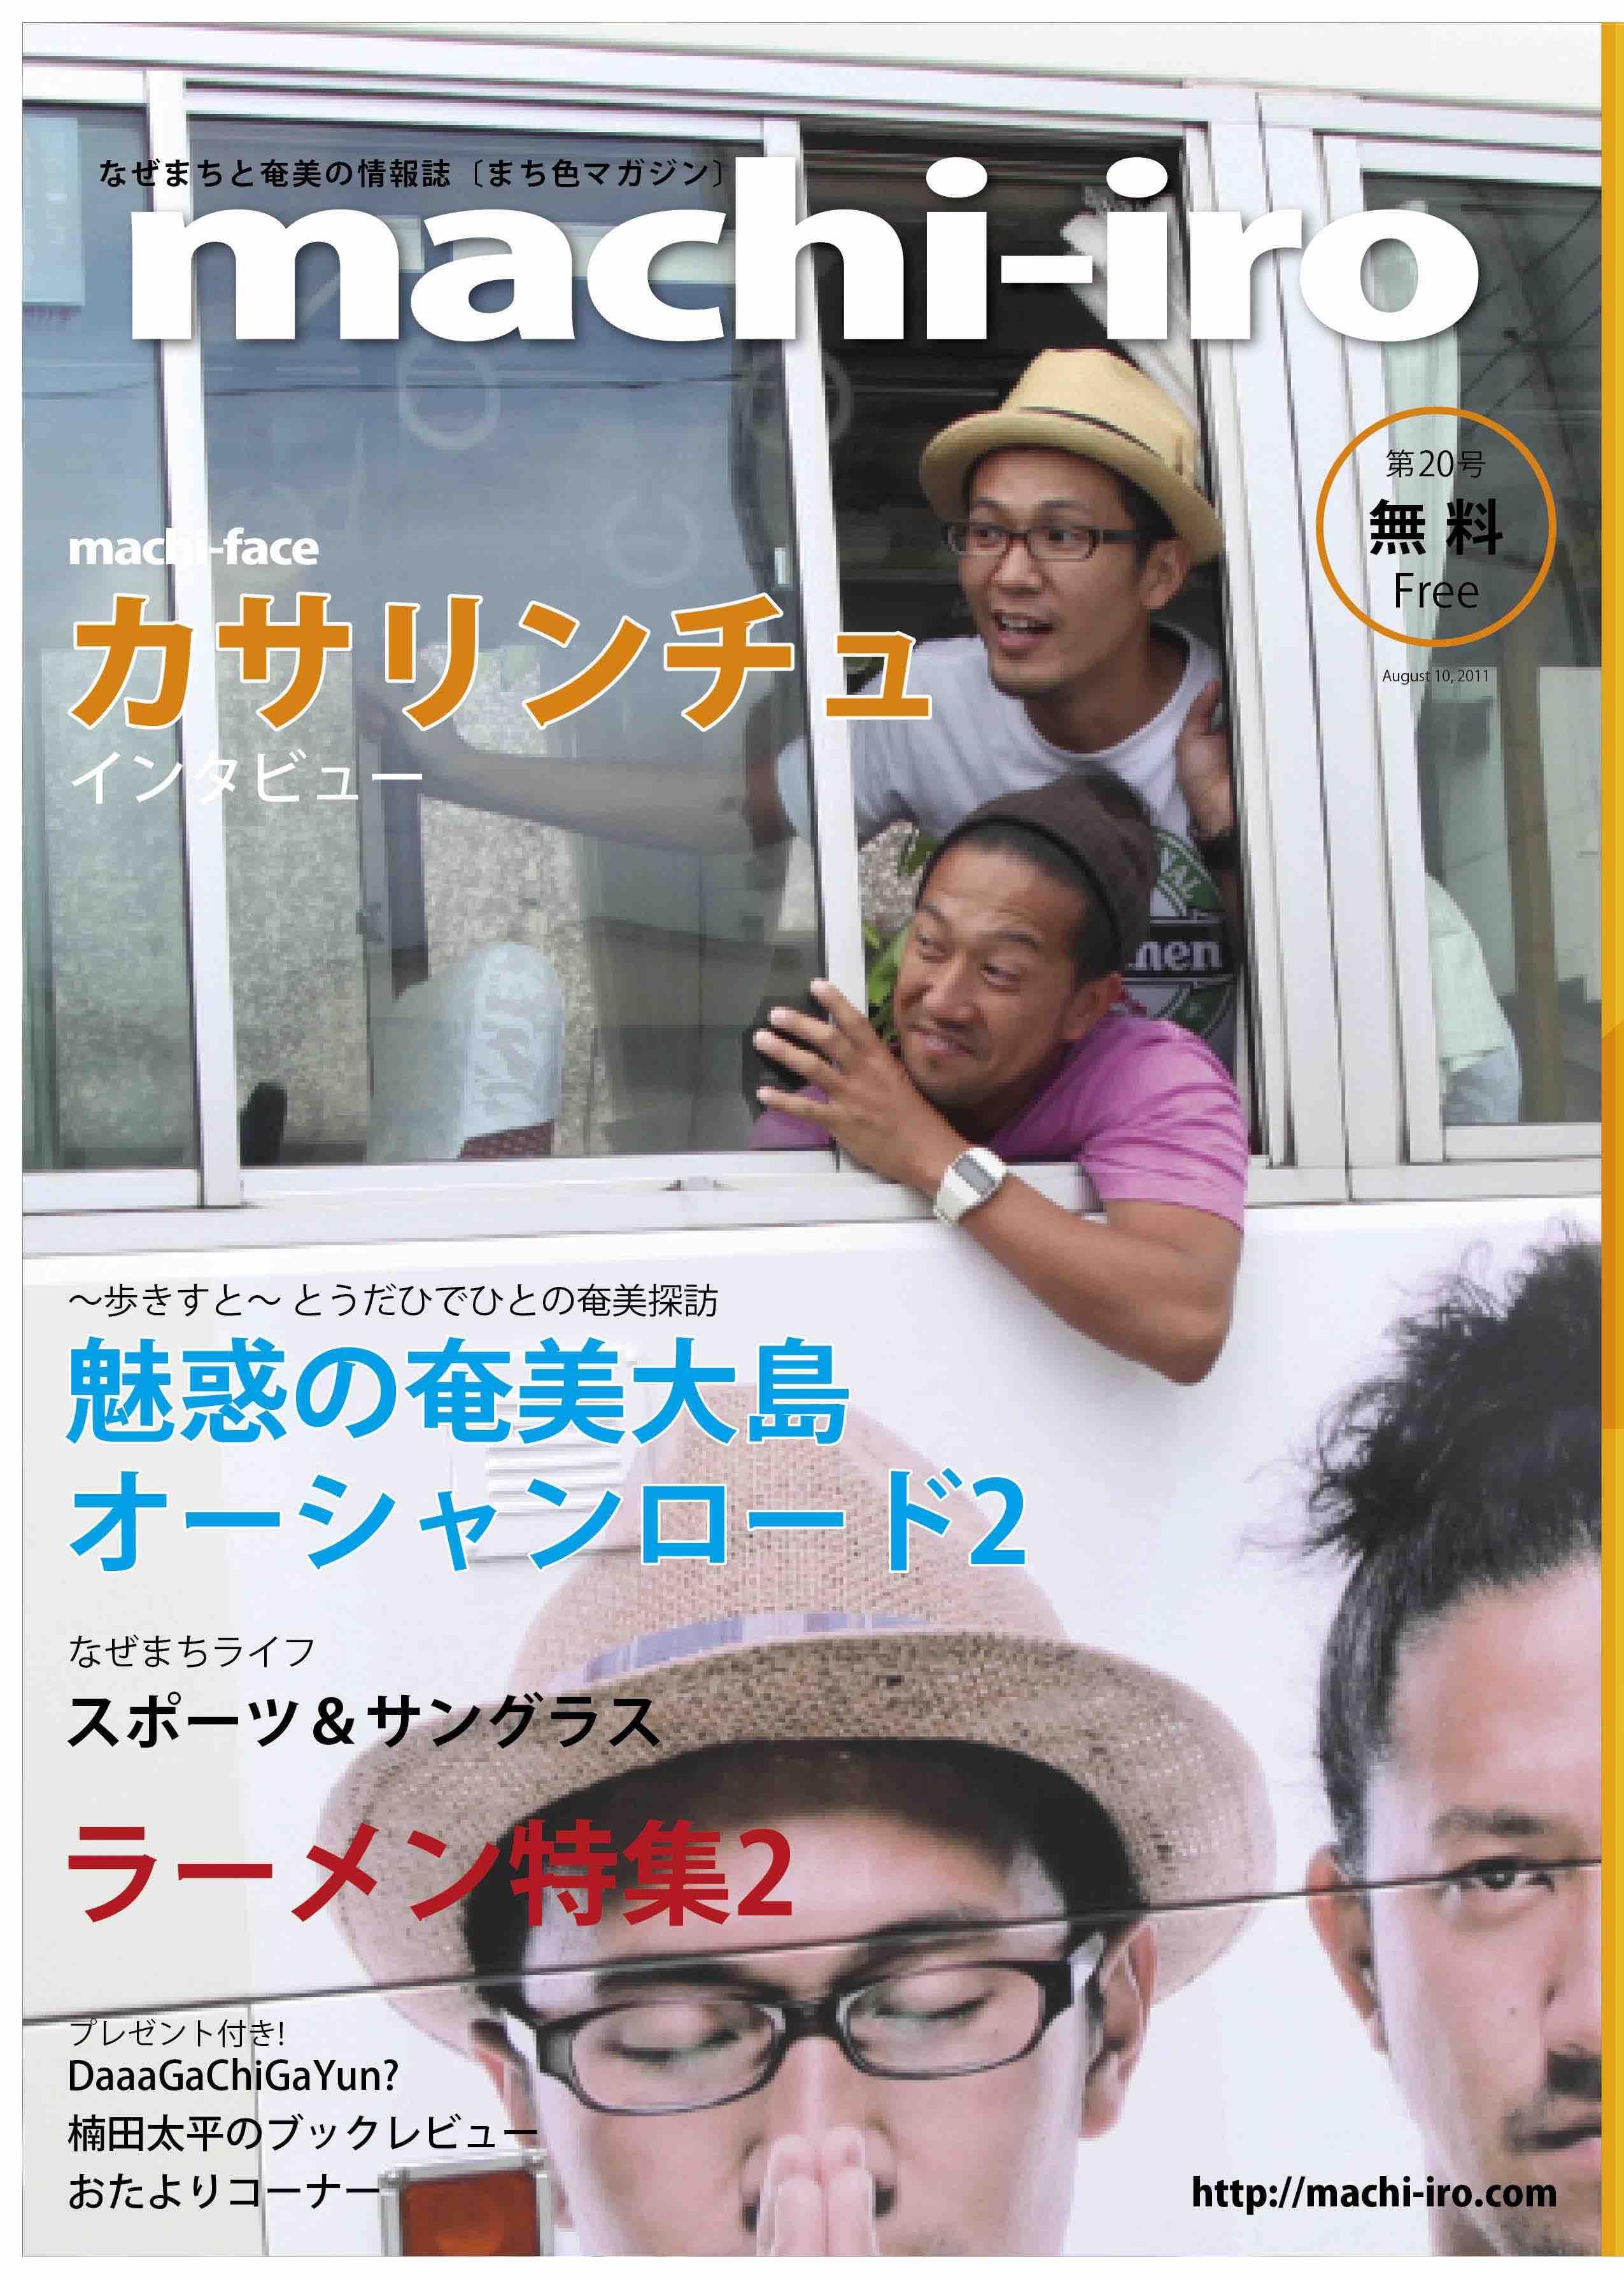 machi-iro magazine #20